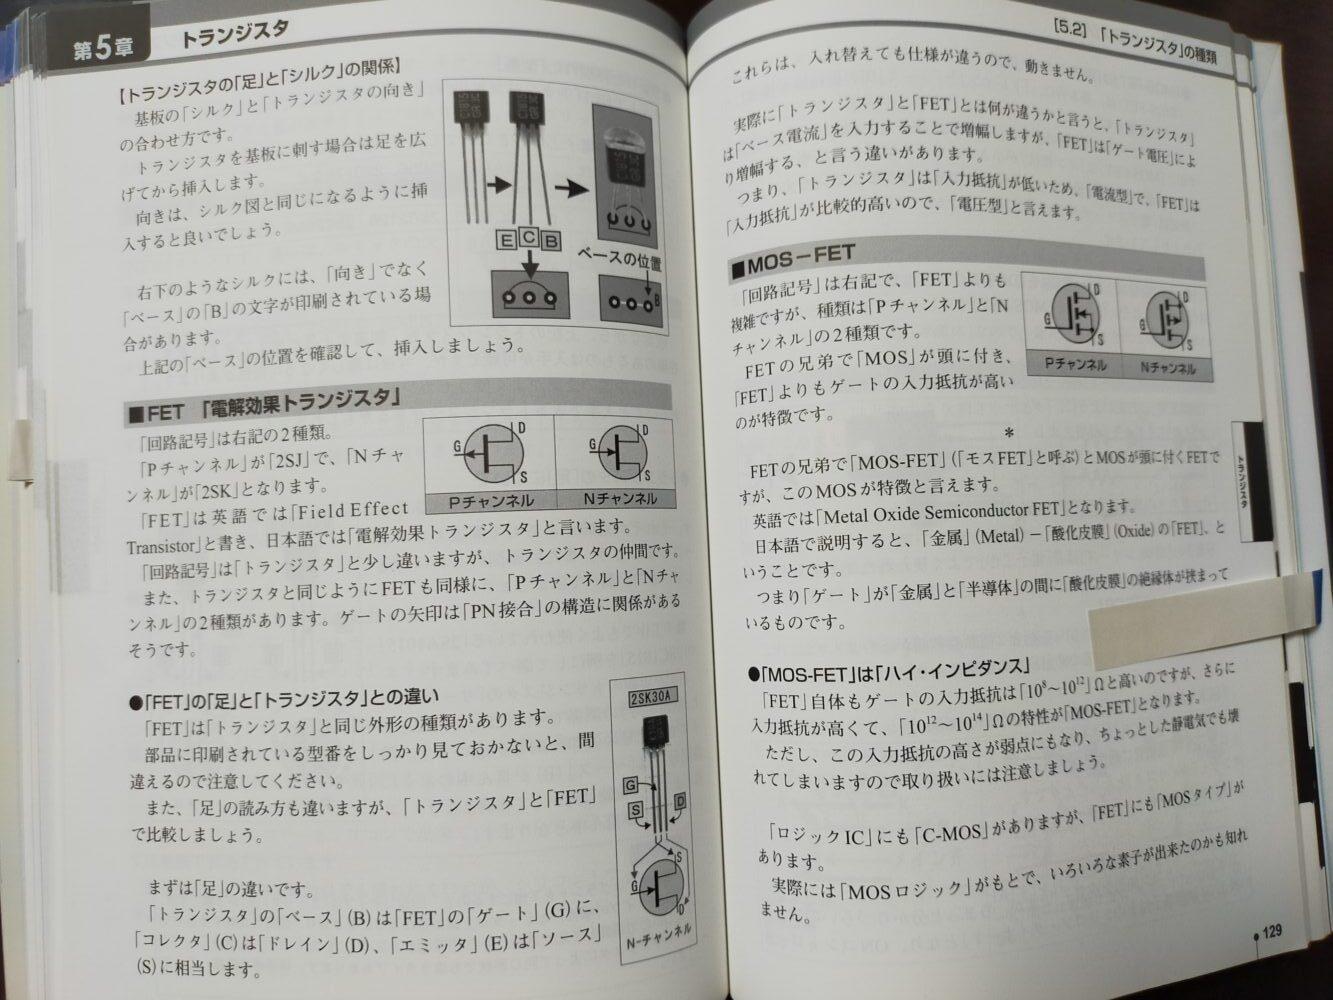 電子部品ハンドブック3